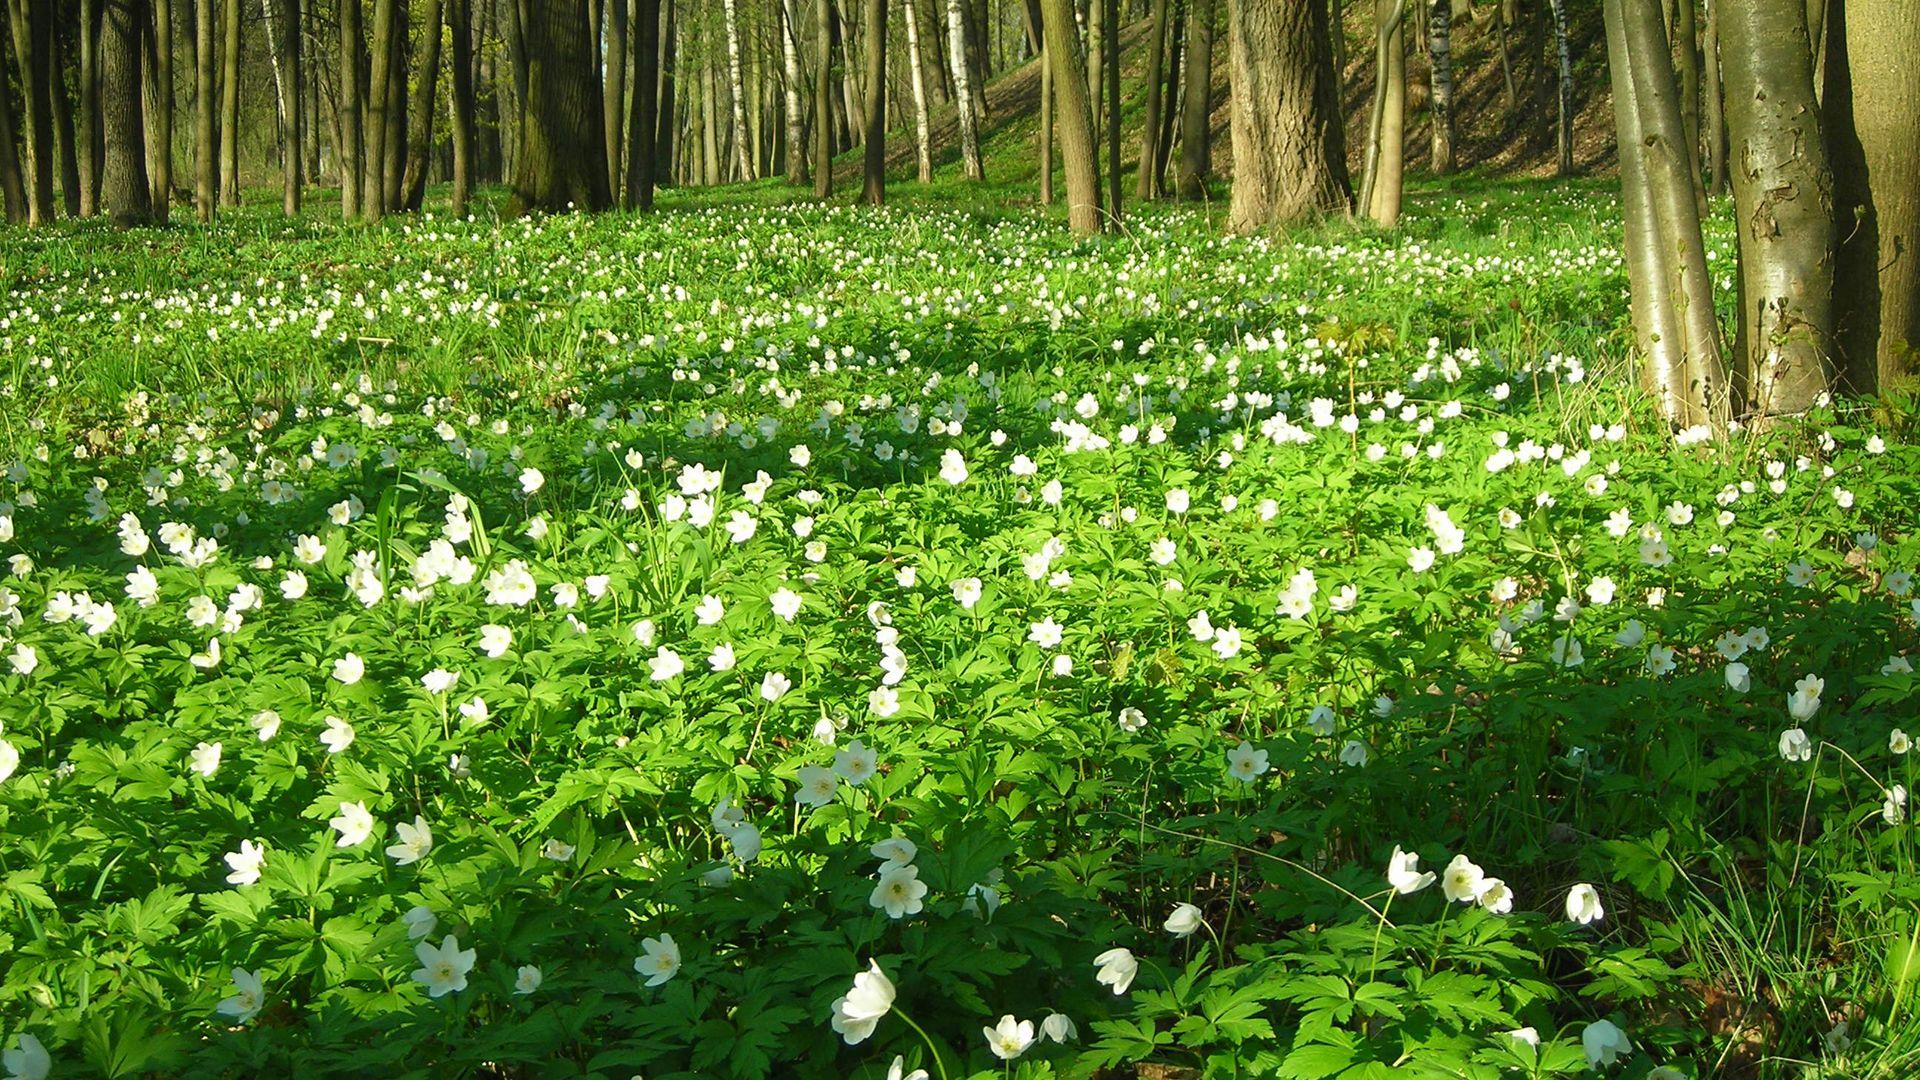 Весенний лес | Зеленая природа, Дикие цветы, Природа